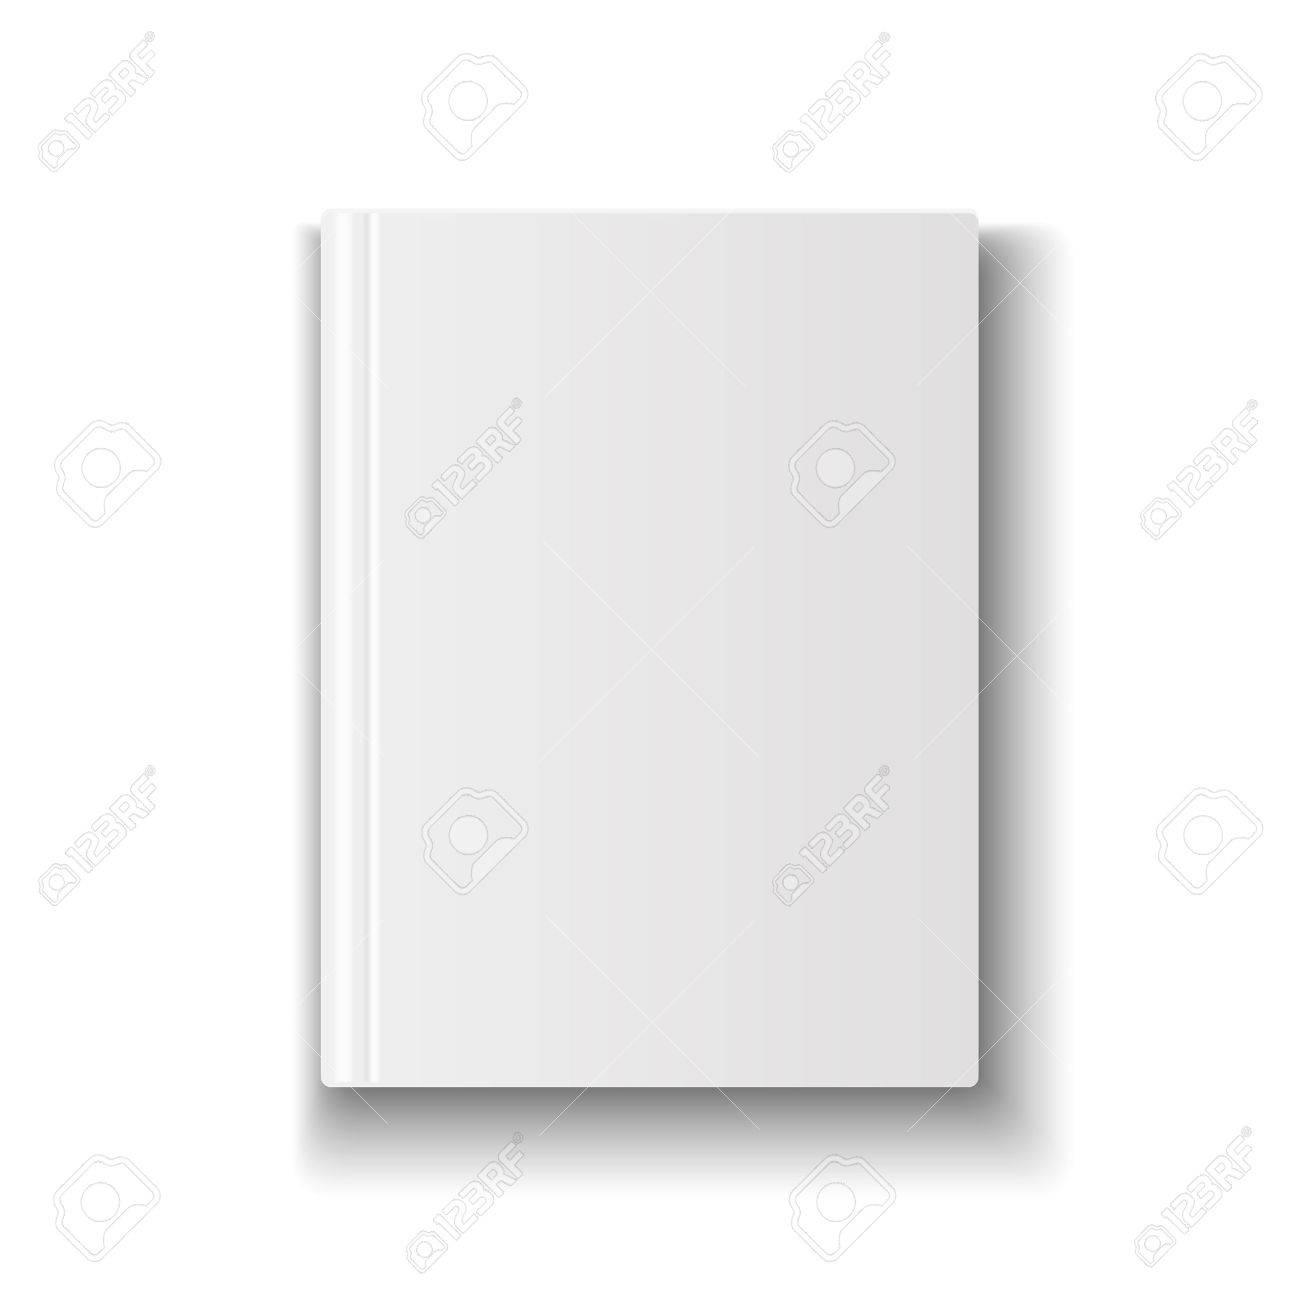 Blank Bucheinband-Vorlage Auf Weißem Hintergrund Mit Weichen ...